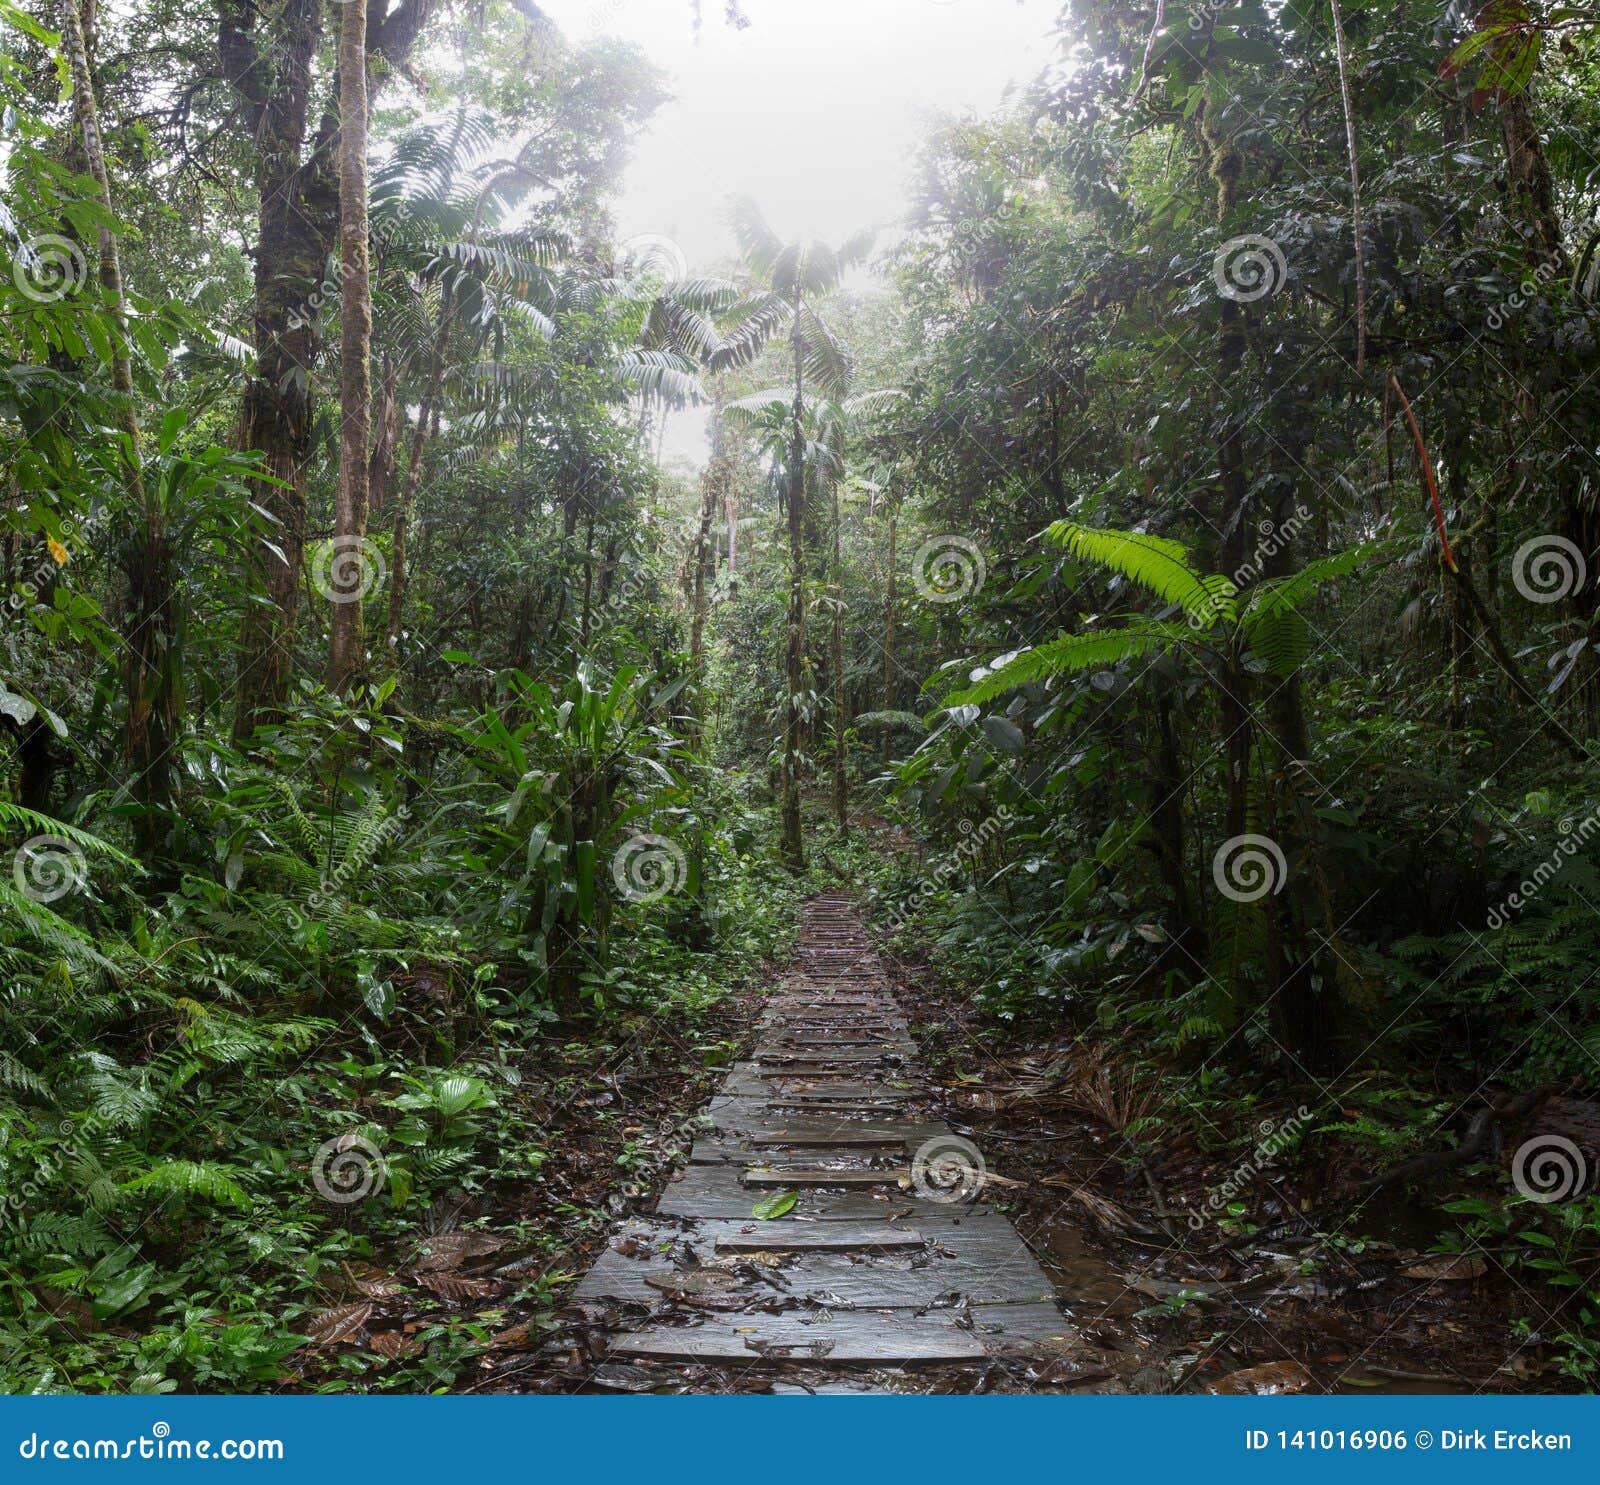 Jungle trail in the amazon rain forest